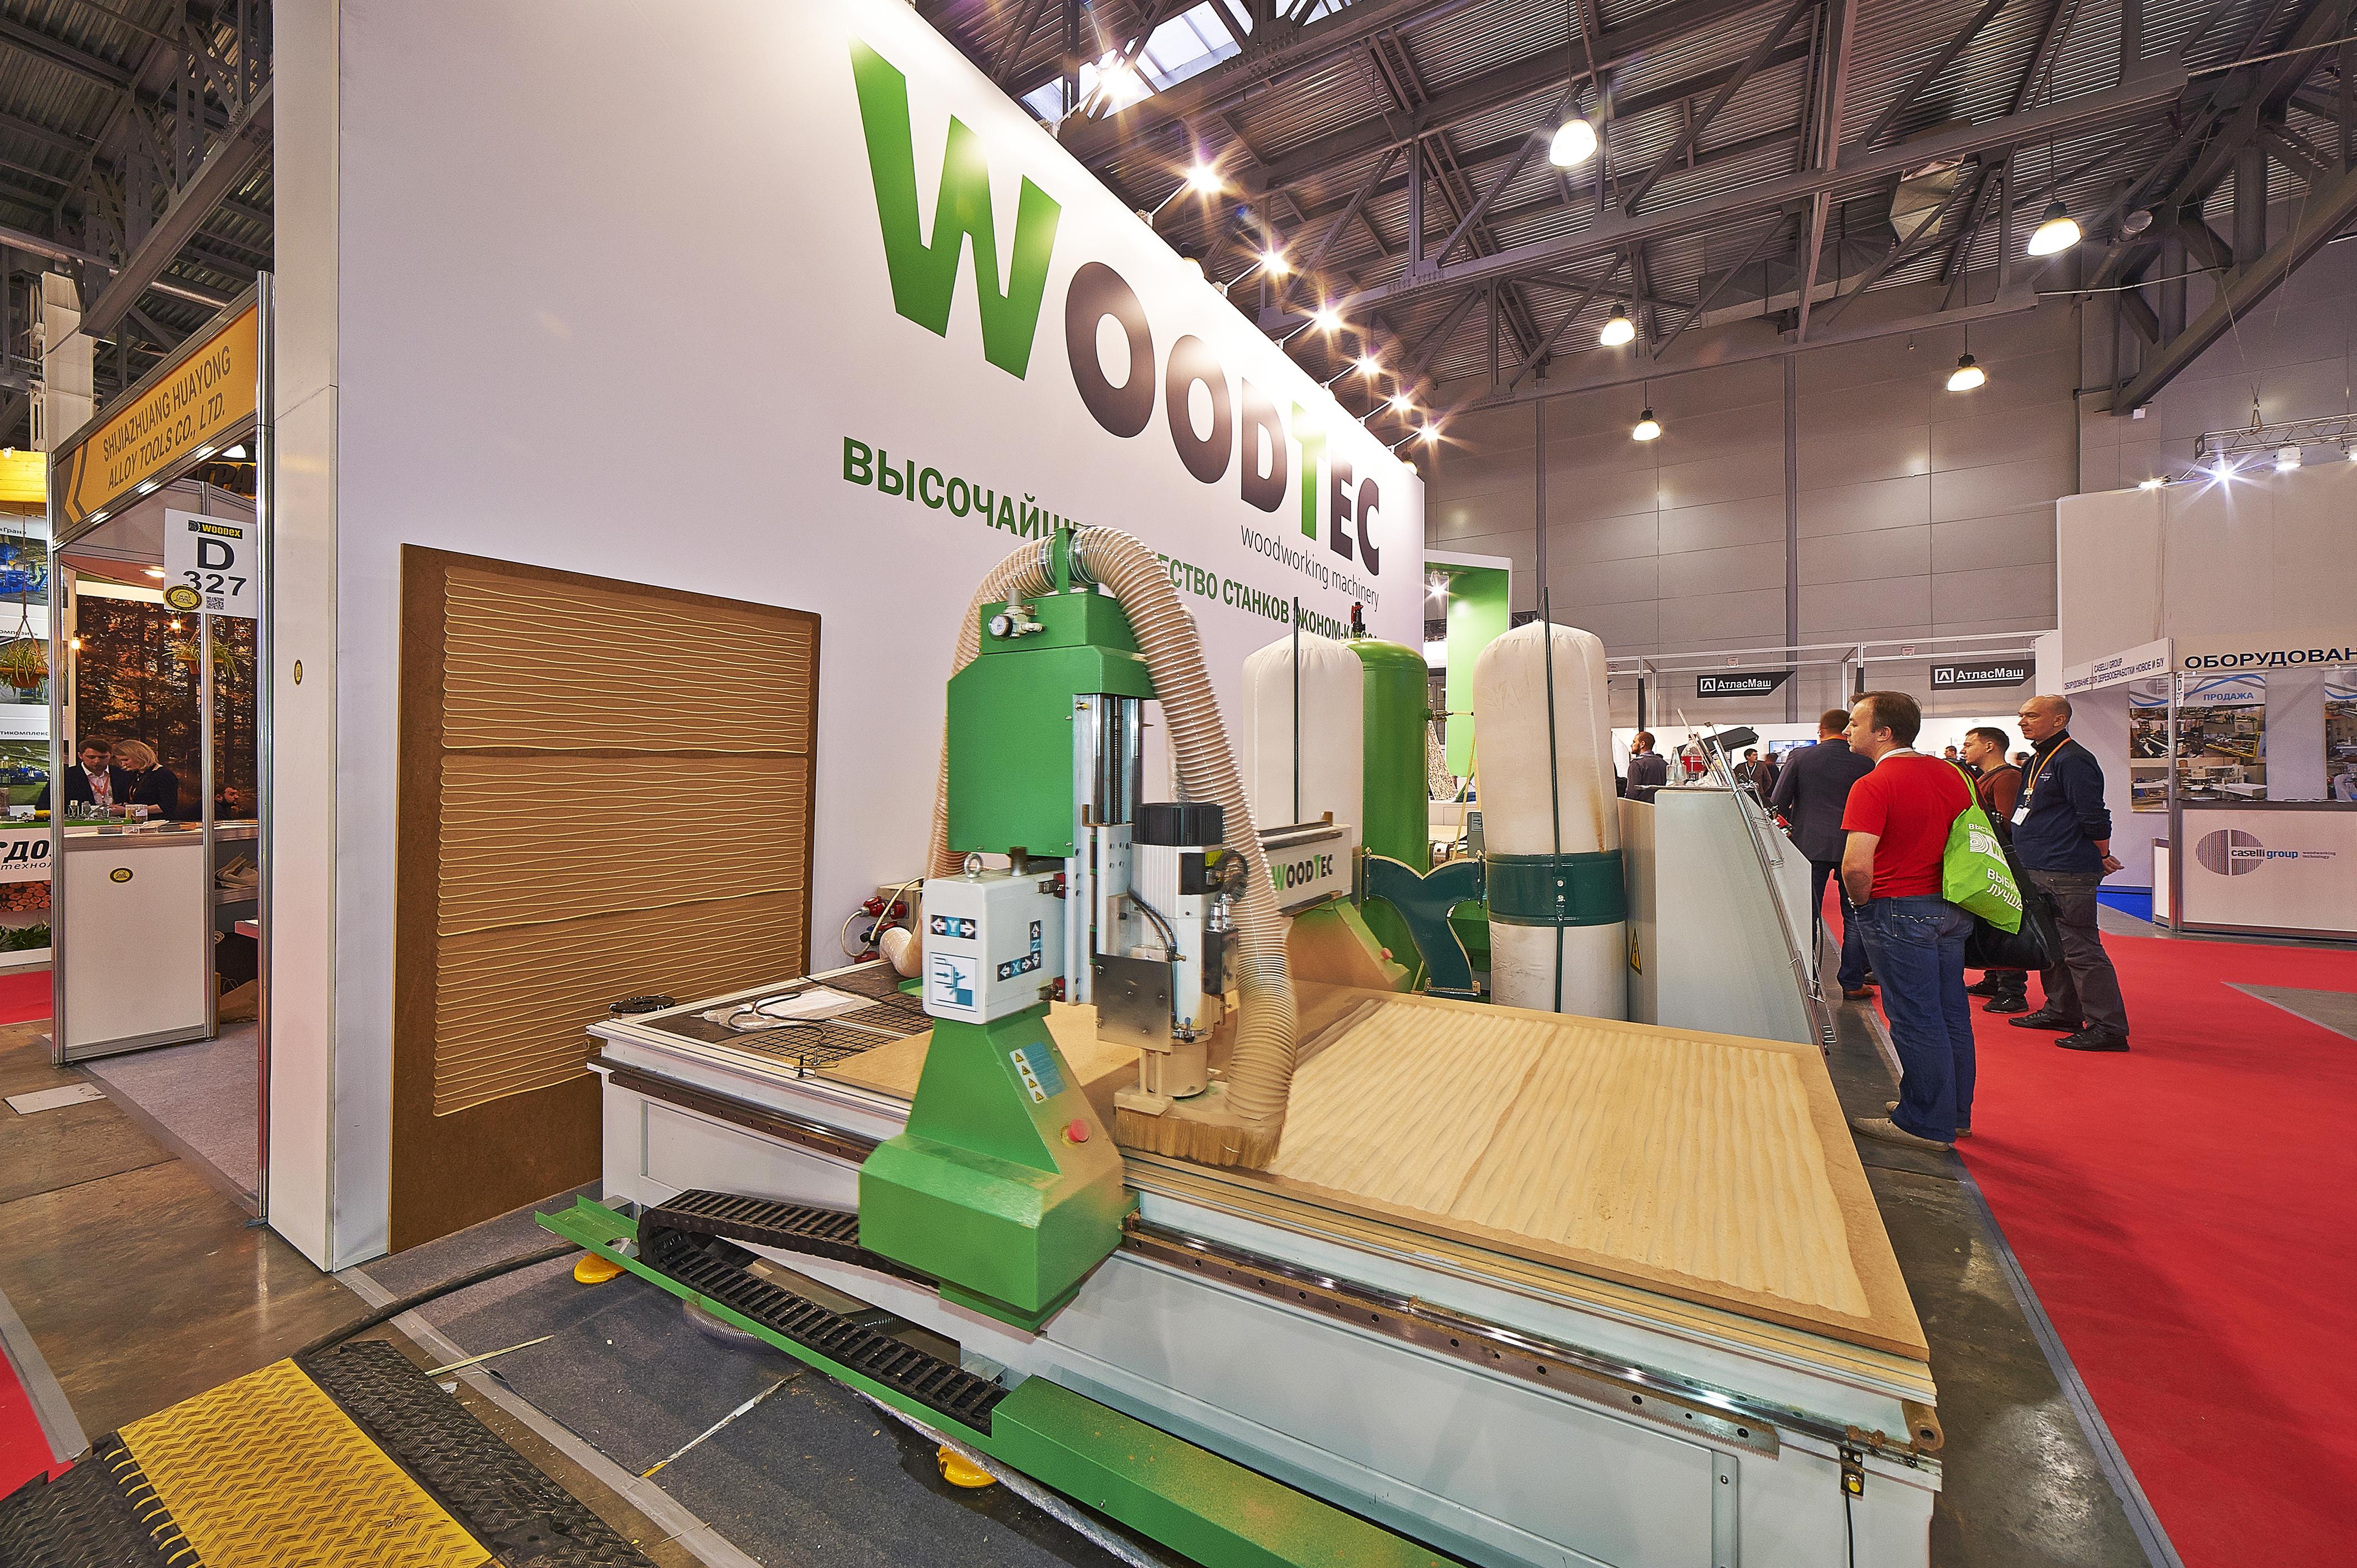 Woodtec_300dpi_1